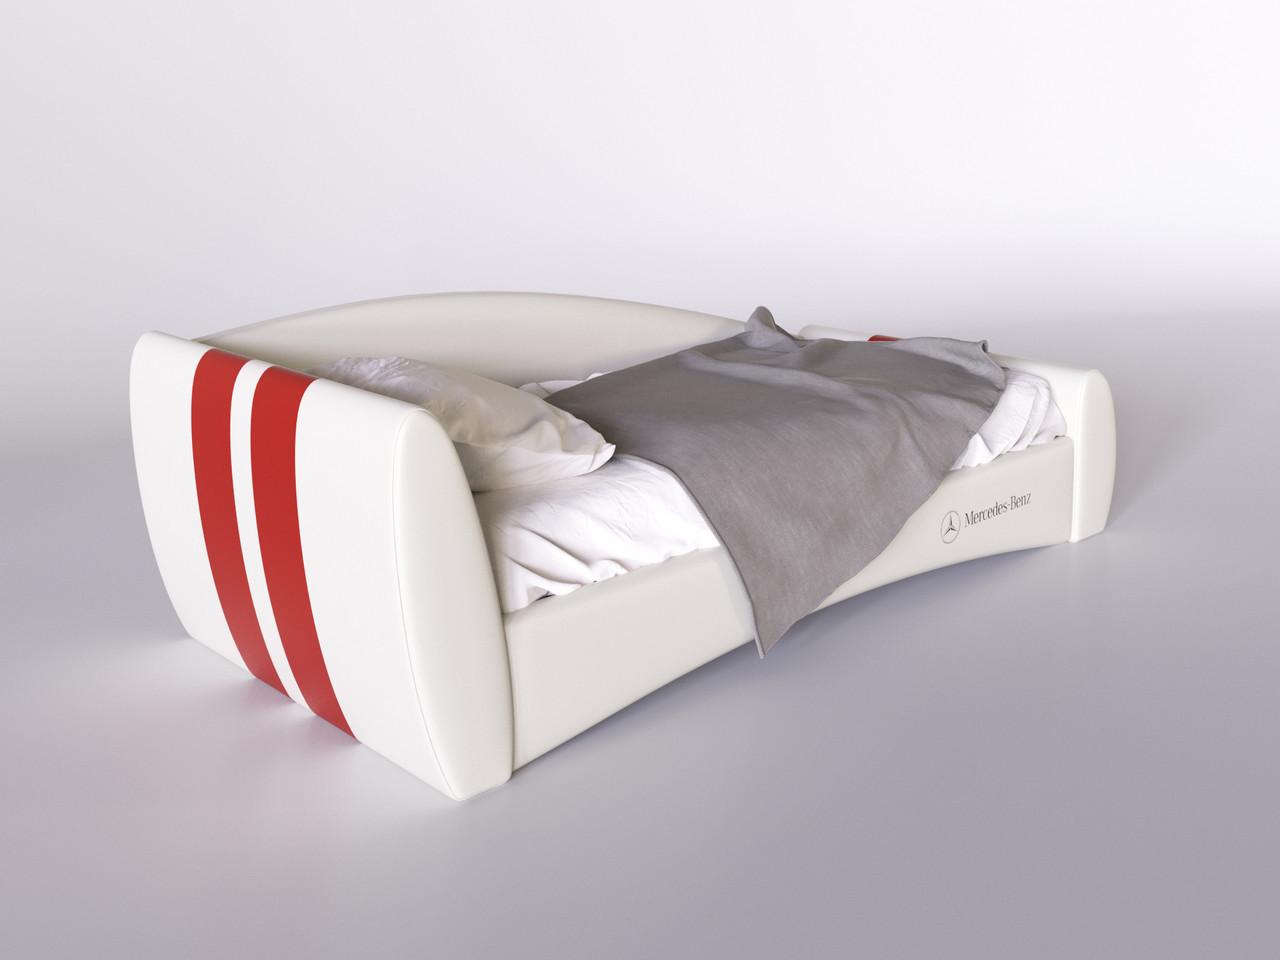 Детская кровать Формула Mercedes - Benz 80*190